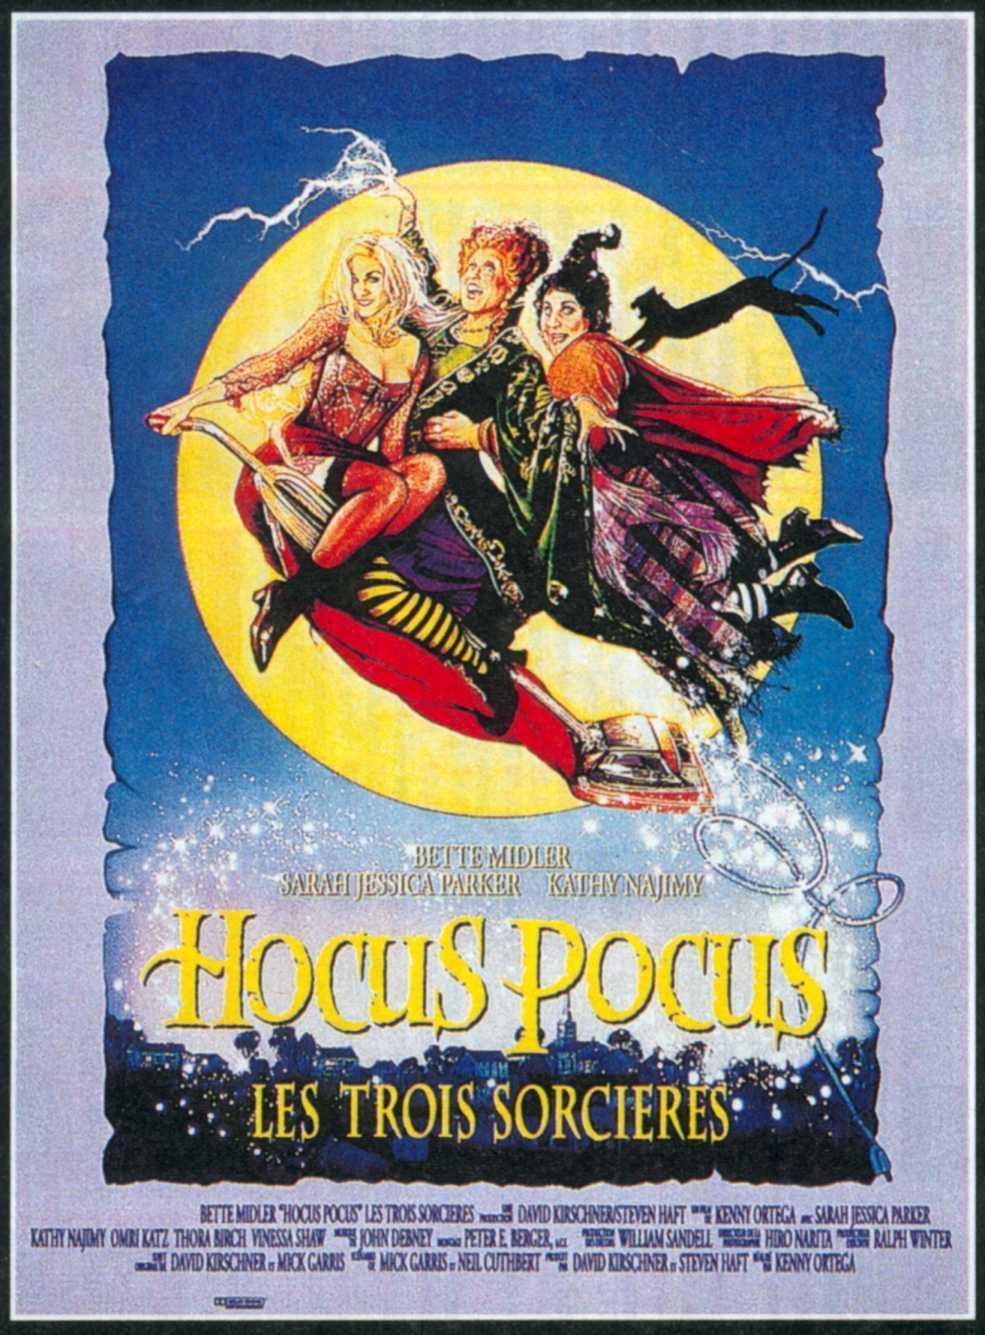 Hocus Pocus : Les trois sorcières Streaming VF Gratuit